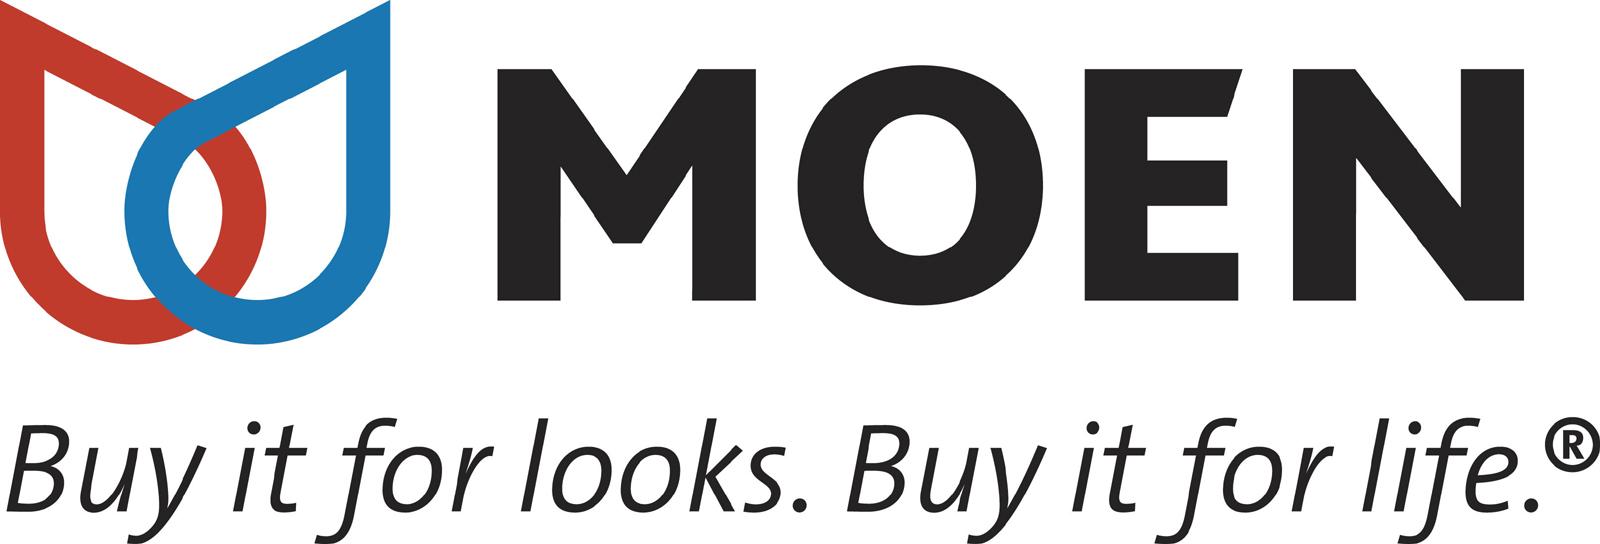 moen Plumbing Products